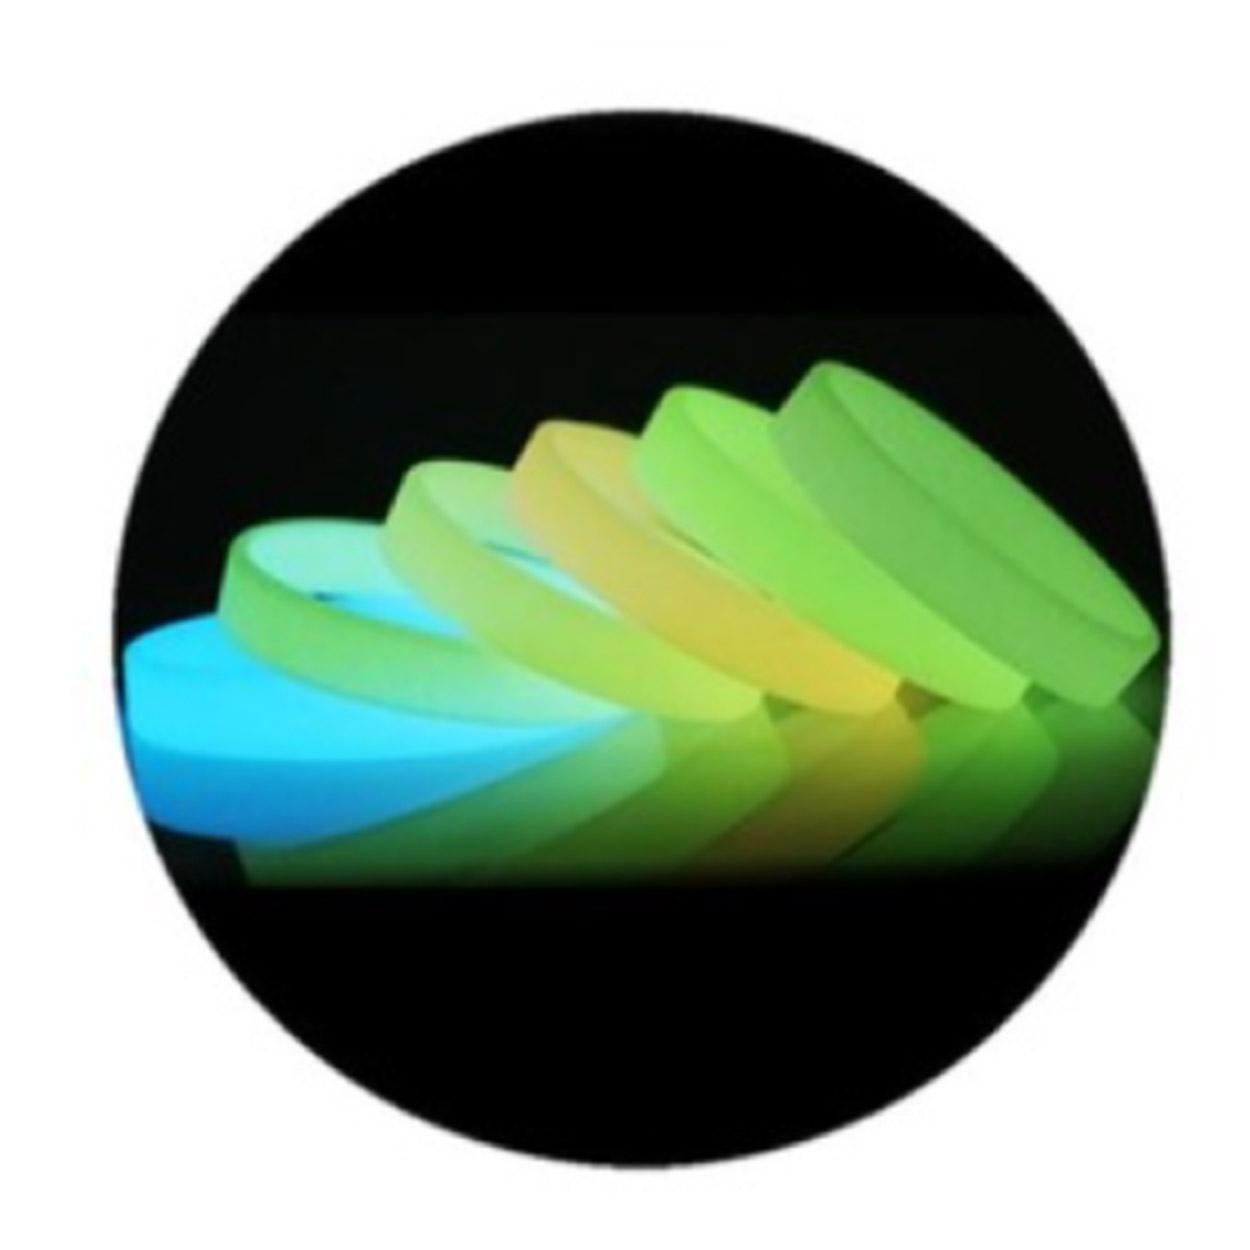 Gumové náramky na ruku, výroba silikonových náramků